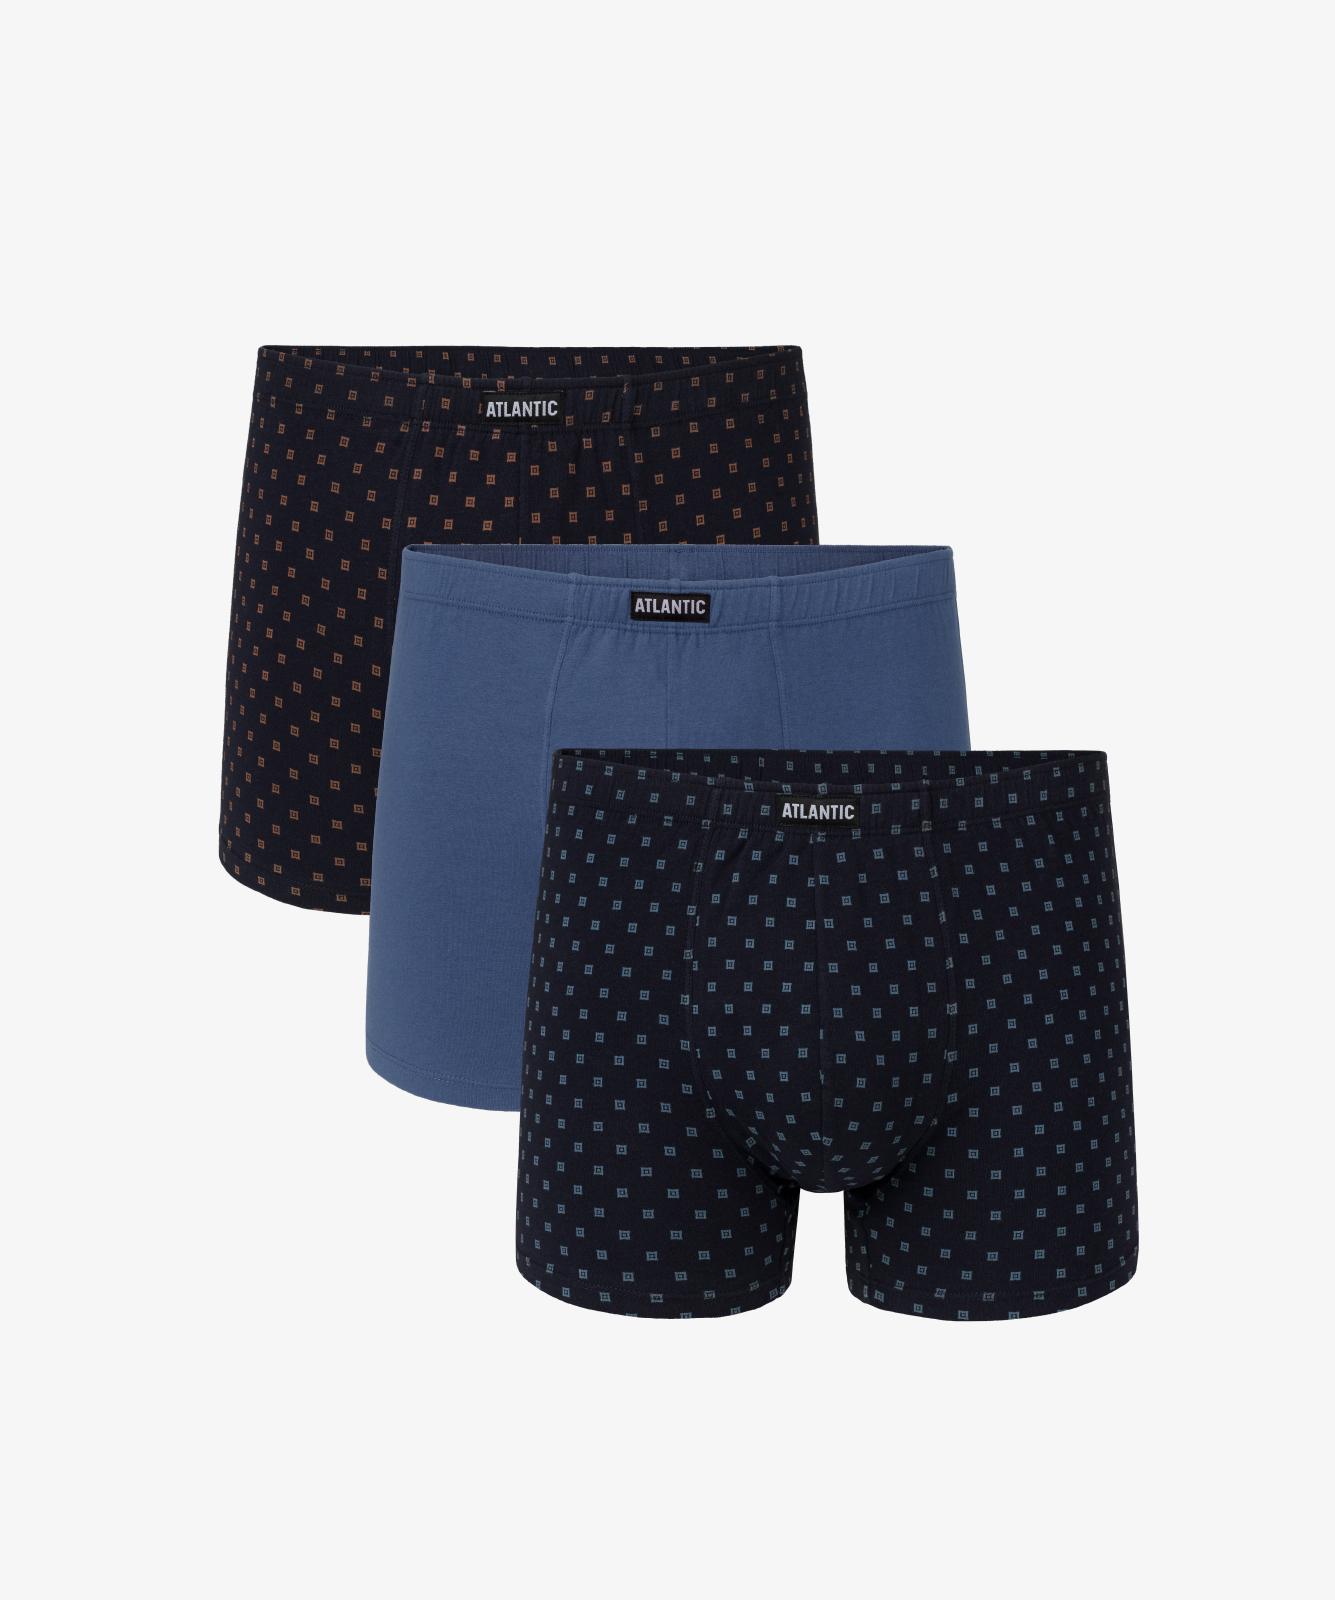 Мужские трусы шорты Atlantic, набор из 3 шт., хлопок, темно-синие + голубые, 3MH-030